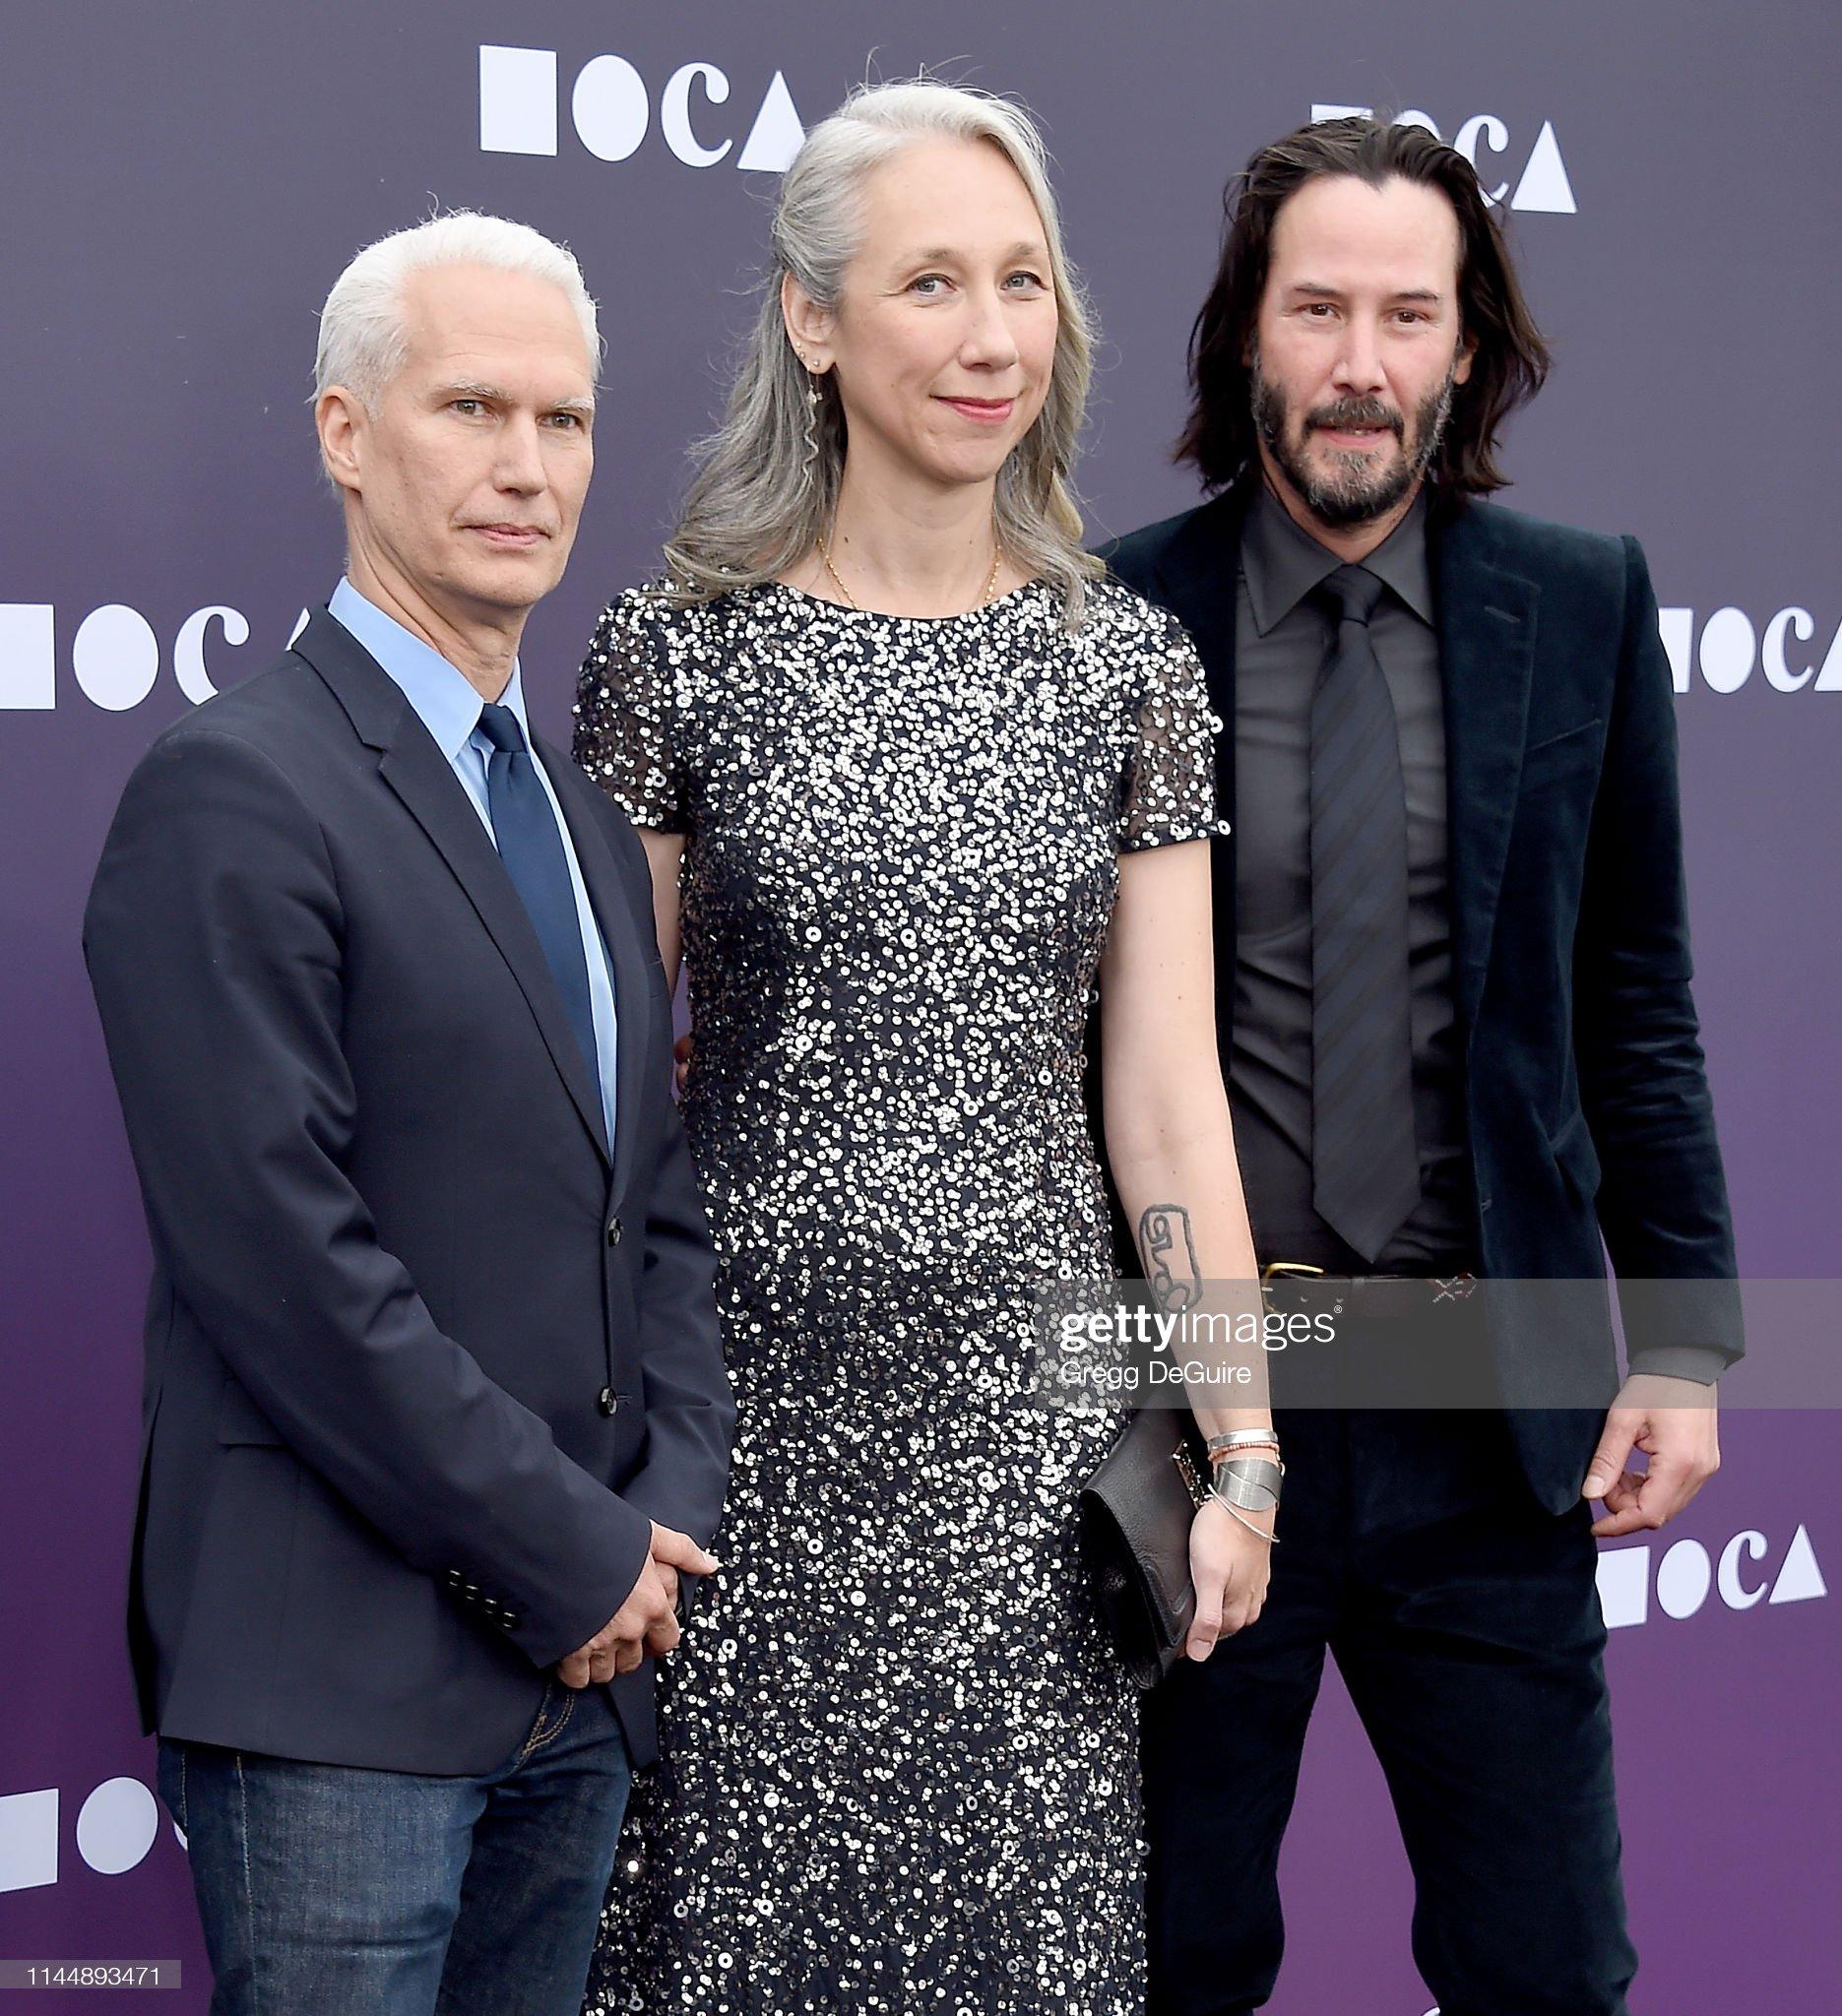 MOCA Benefit 2019 - Arrivals : News Photo